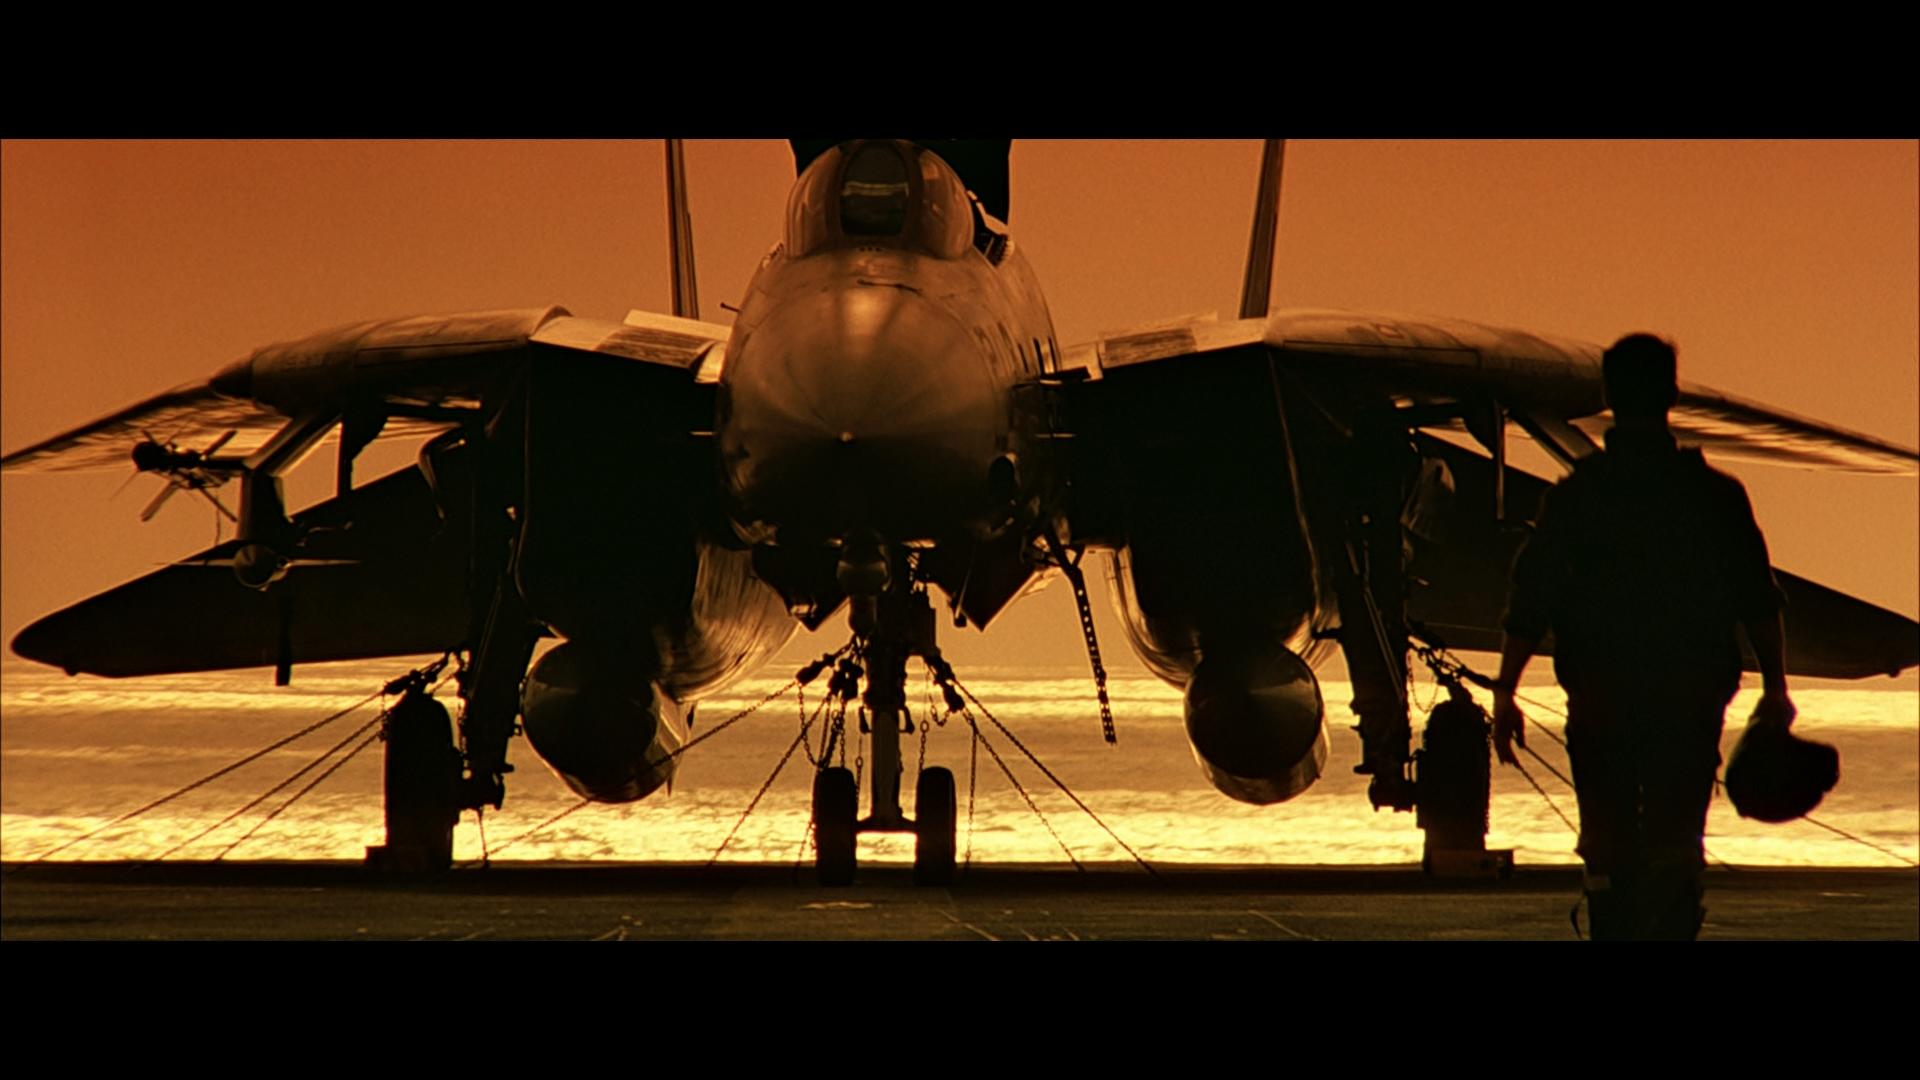 Show de imagens com o Grumman F-14 Tomcat